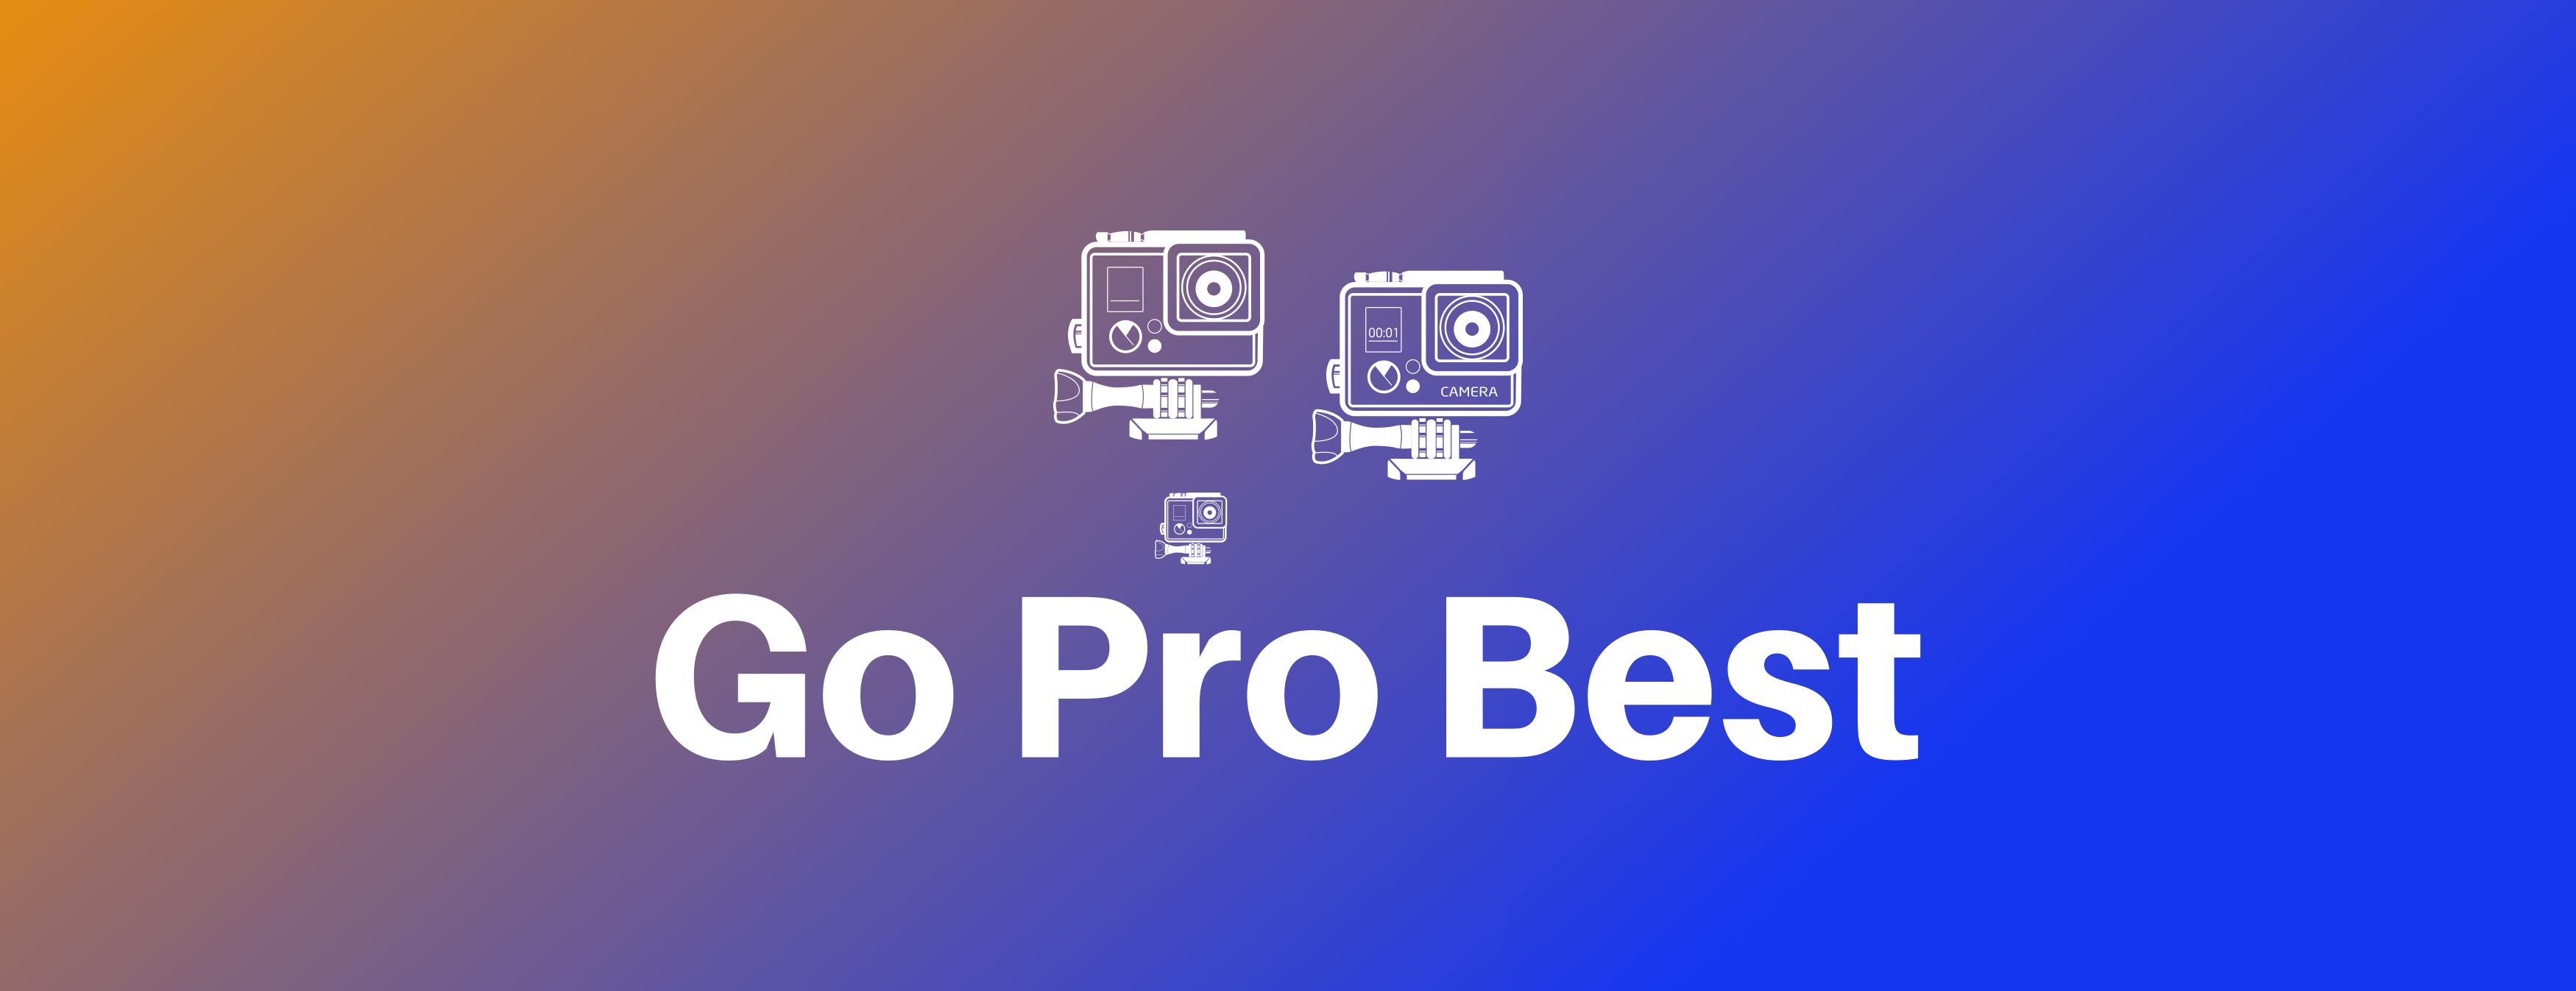 GoPro Best